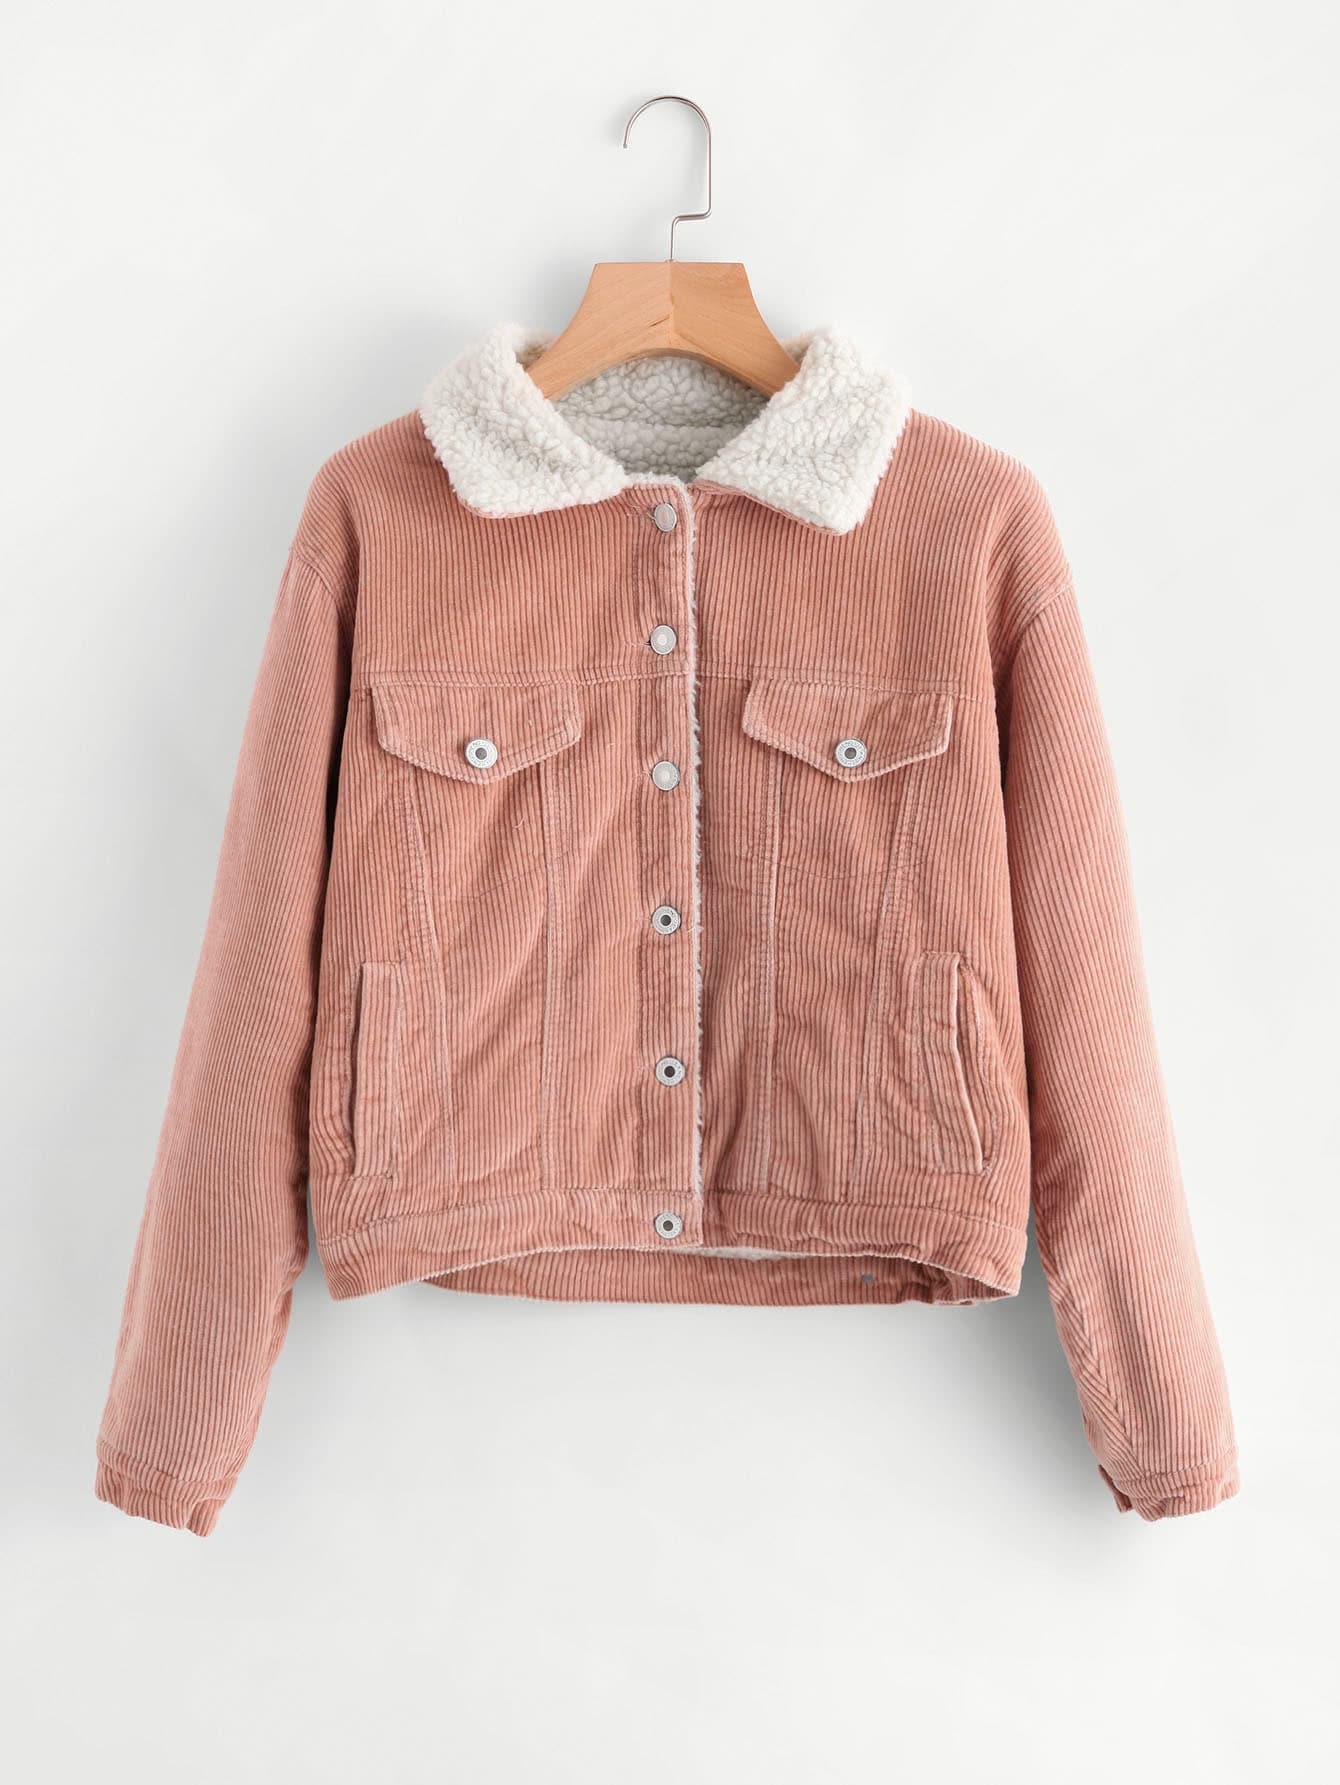 Fleece lined corduroy jacket womens